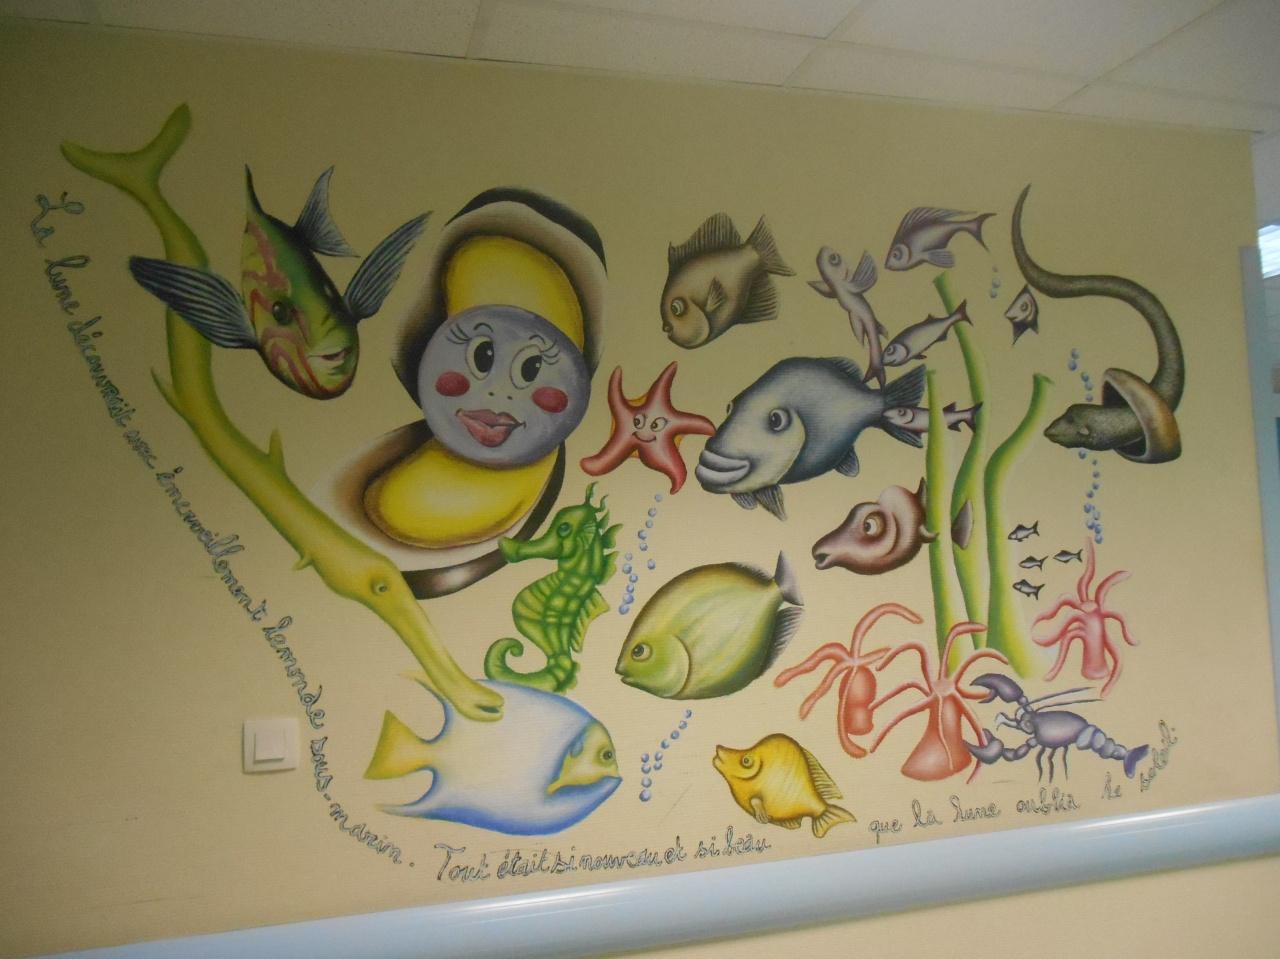 urgences-pediatrique-mfme.jpg